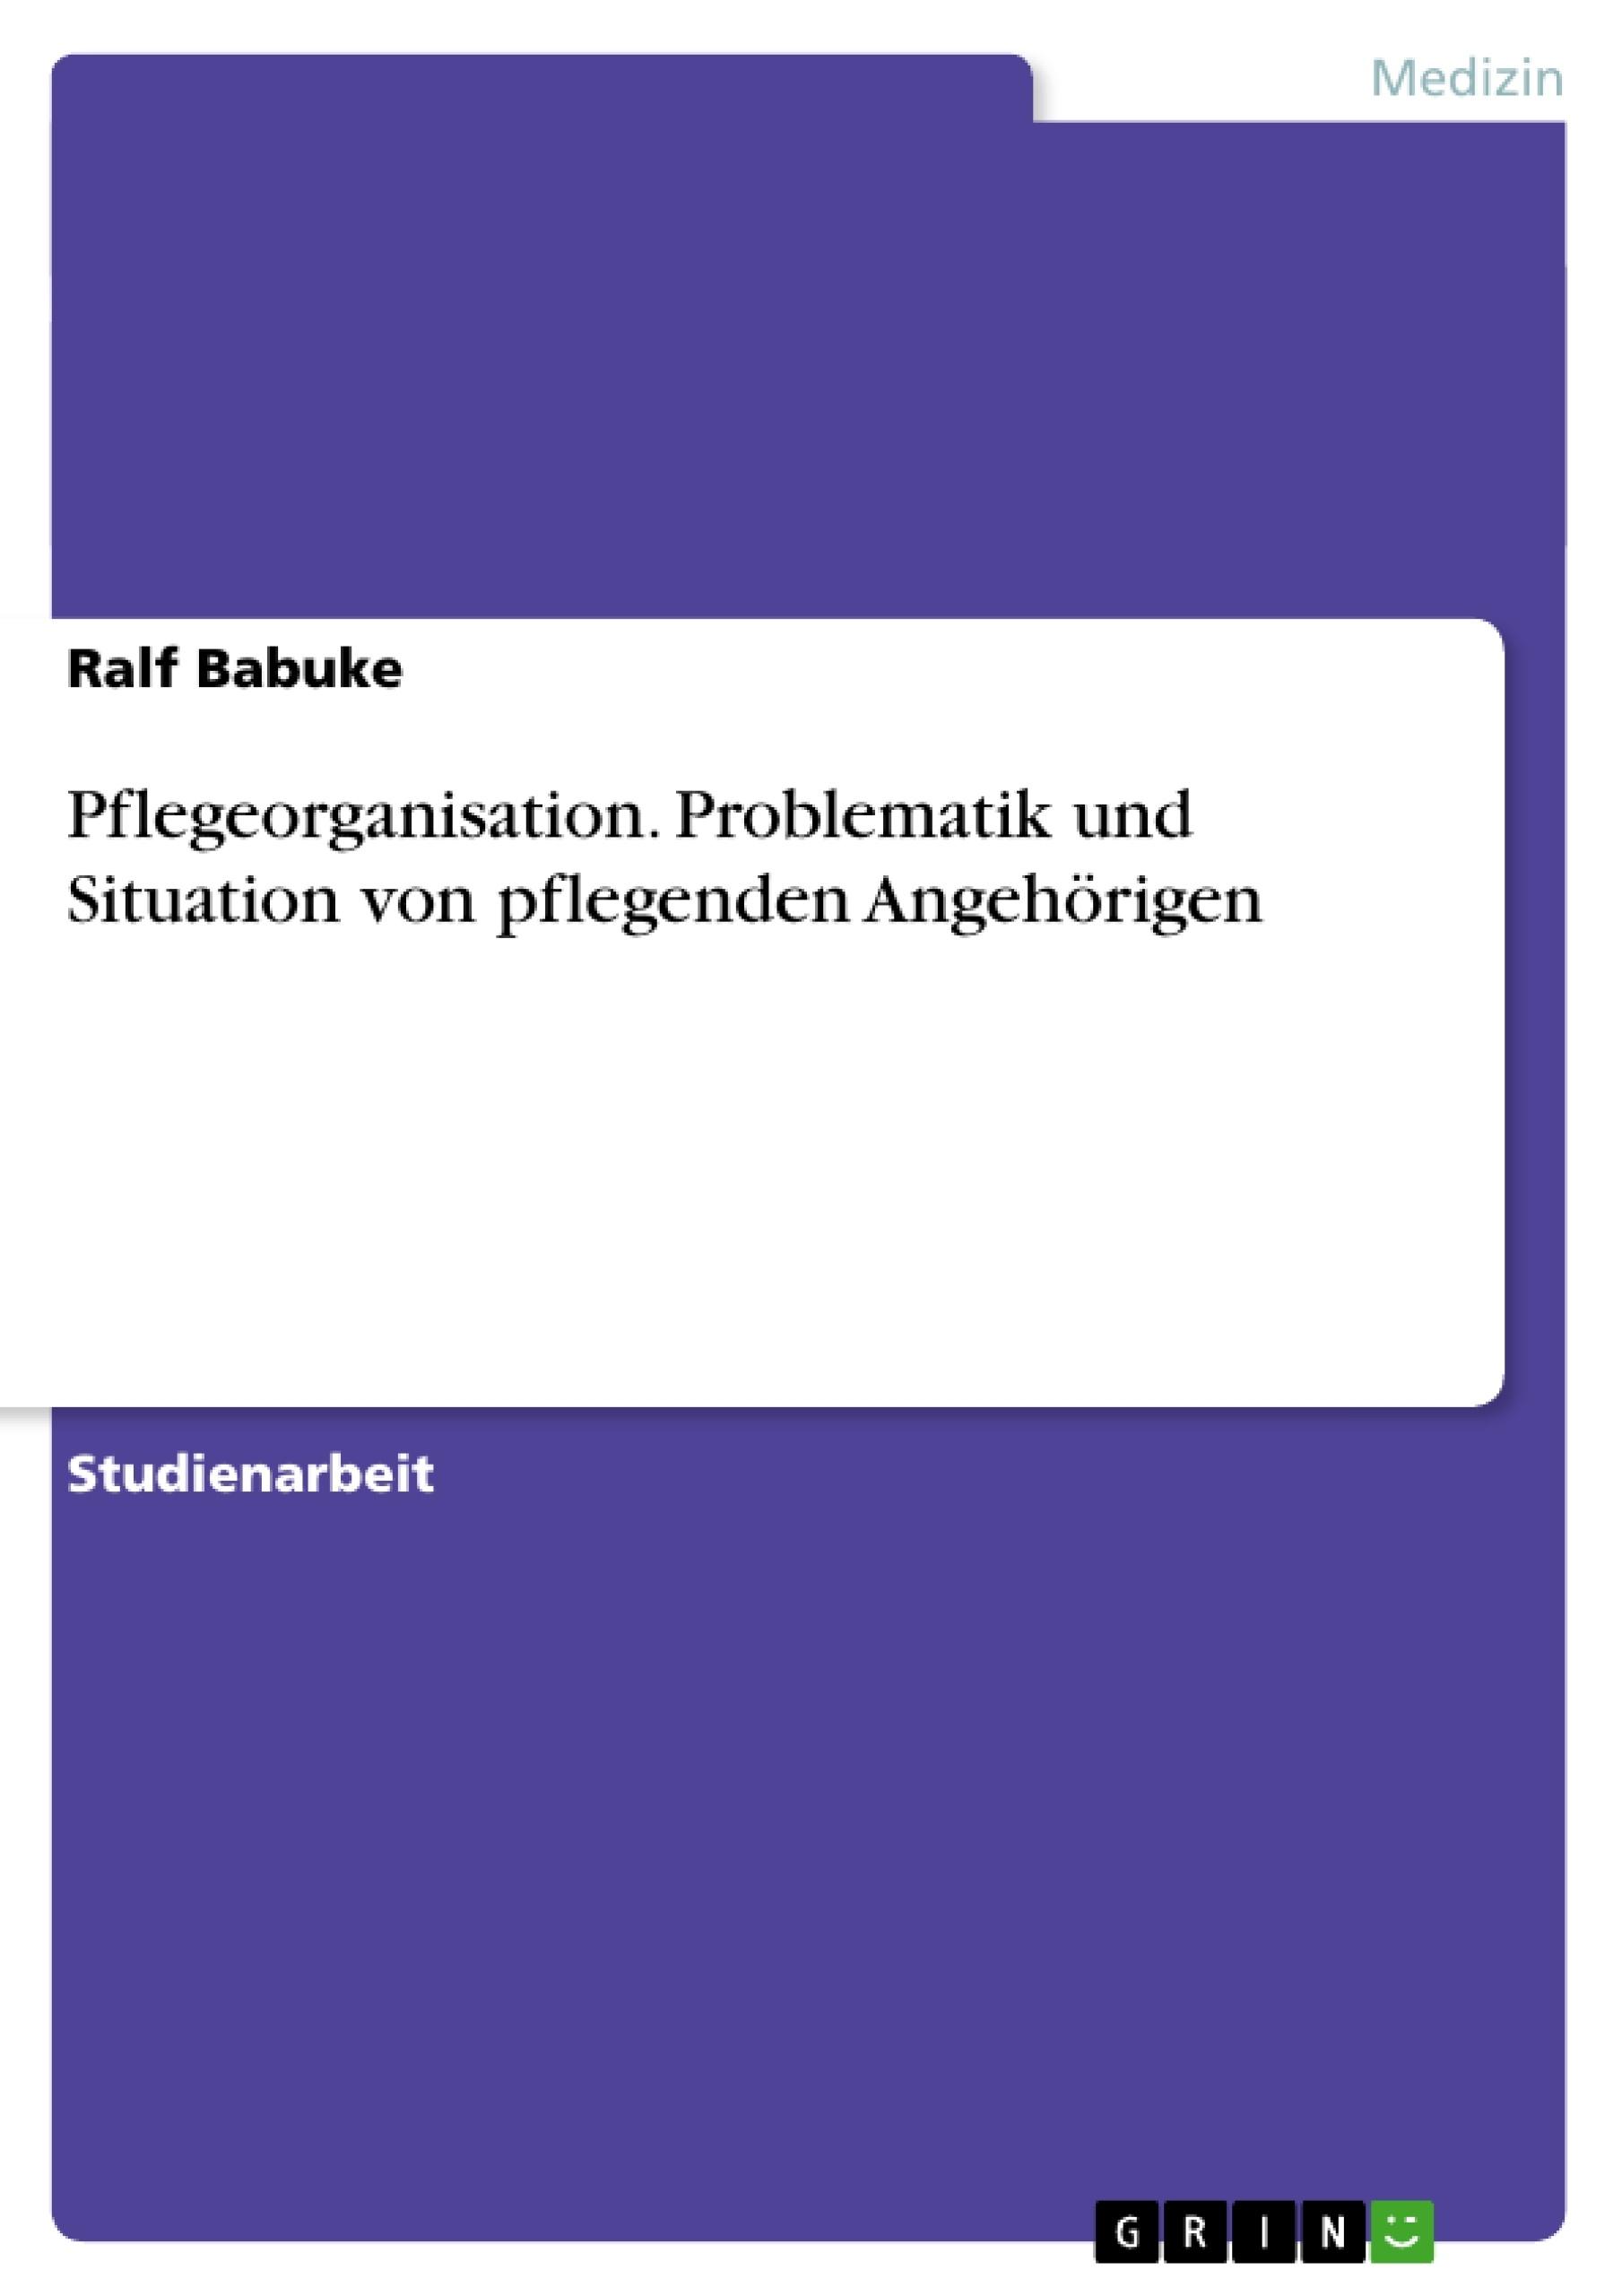 Titel: Pflegeorganisation. Problematik und Situation von pflegenden Angehörigen